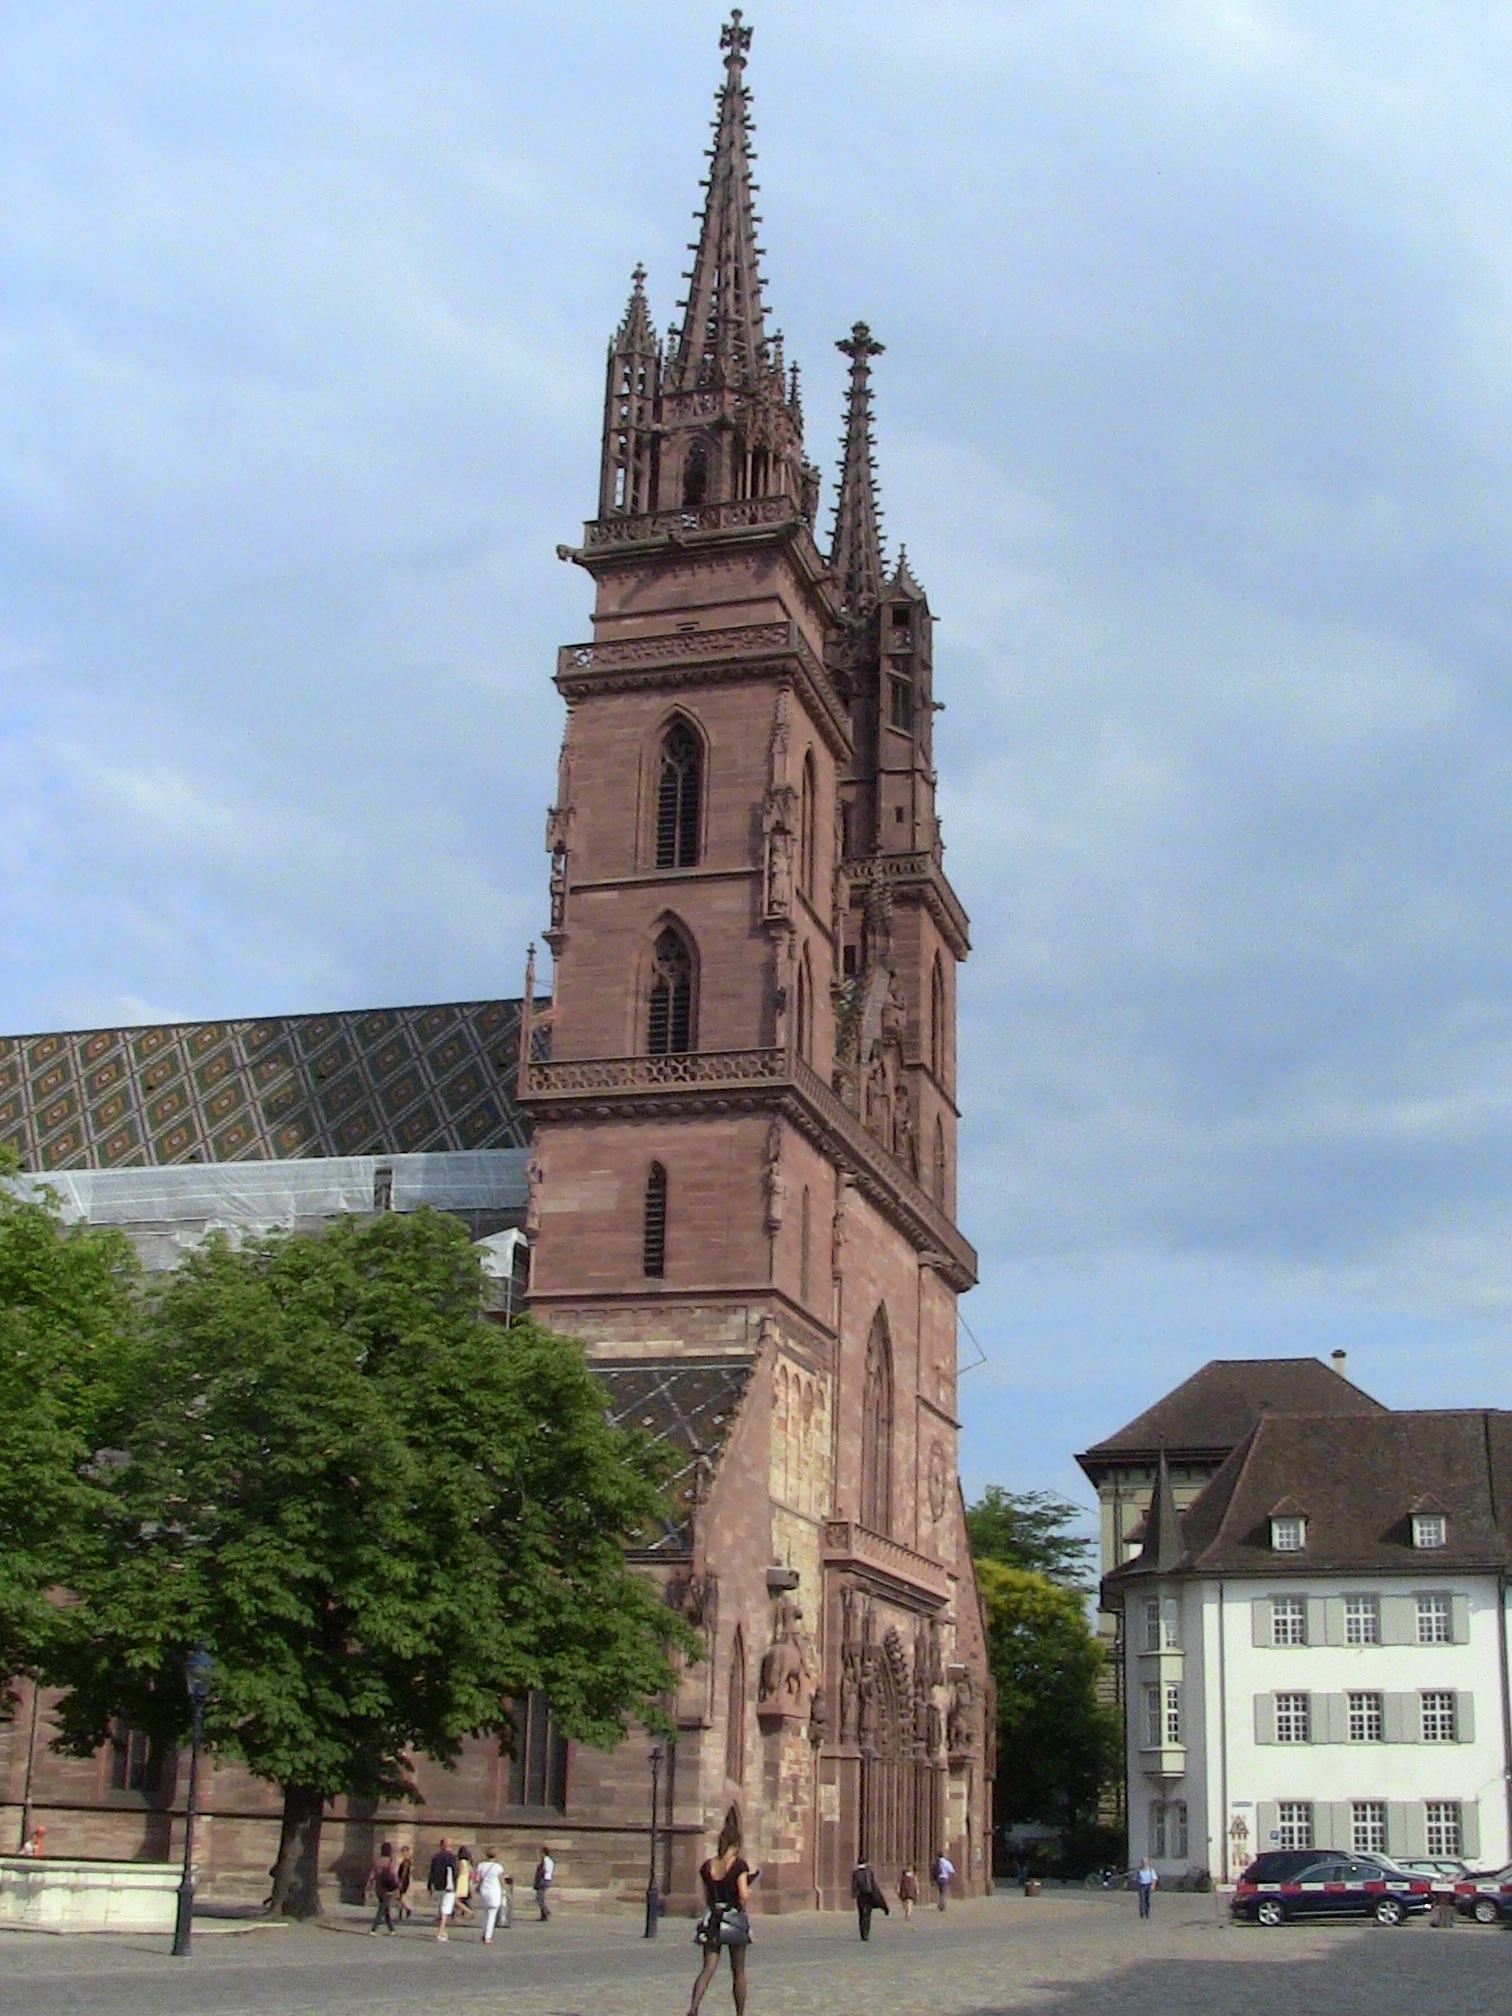 La Cattedrale di Basilea, Basler Münster